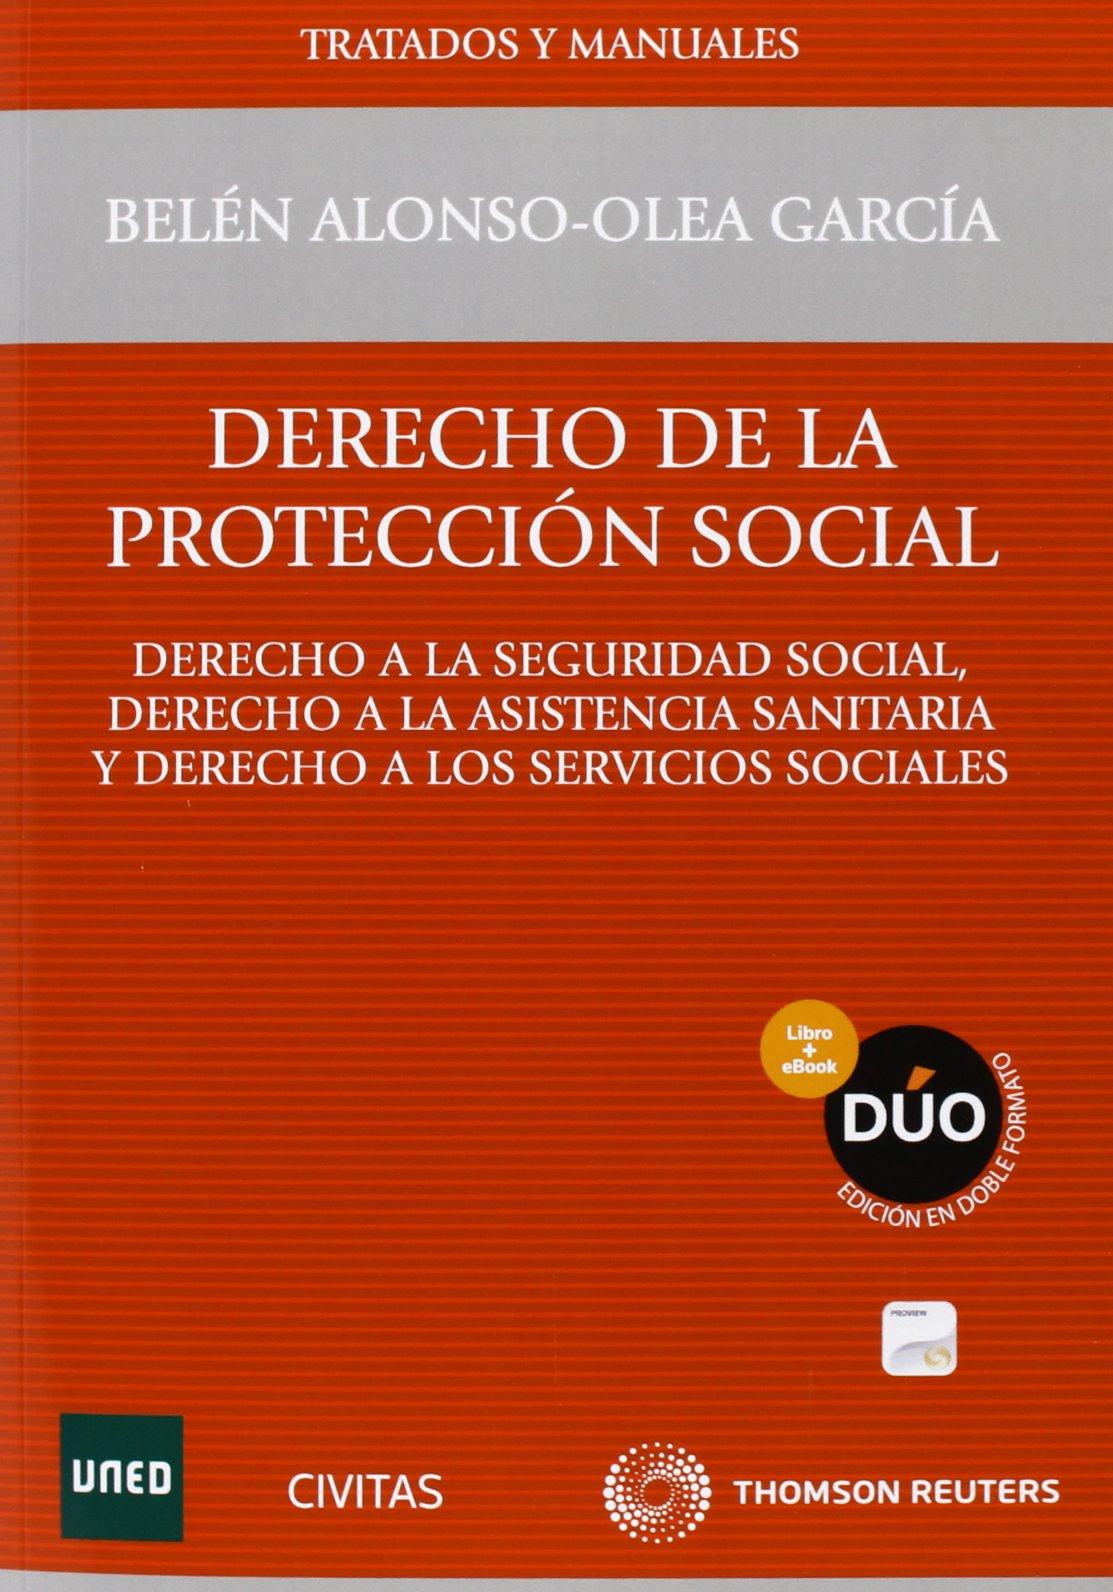 Derecho de la Protección Social Papel + e-book Tratados y Manuales de Derecho: Amazon.es: Alonso-Olea García, Belén: Libros